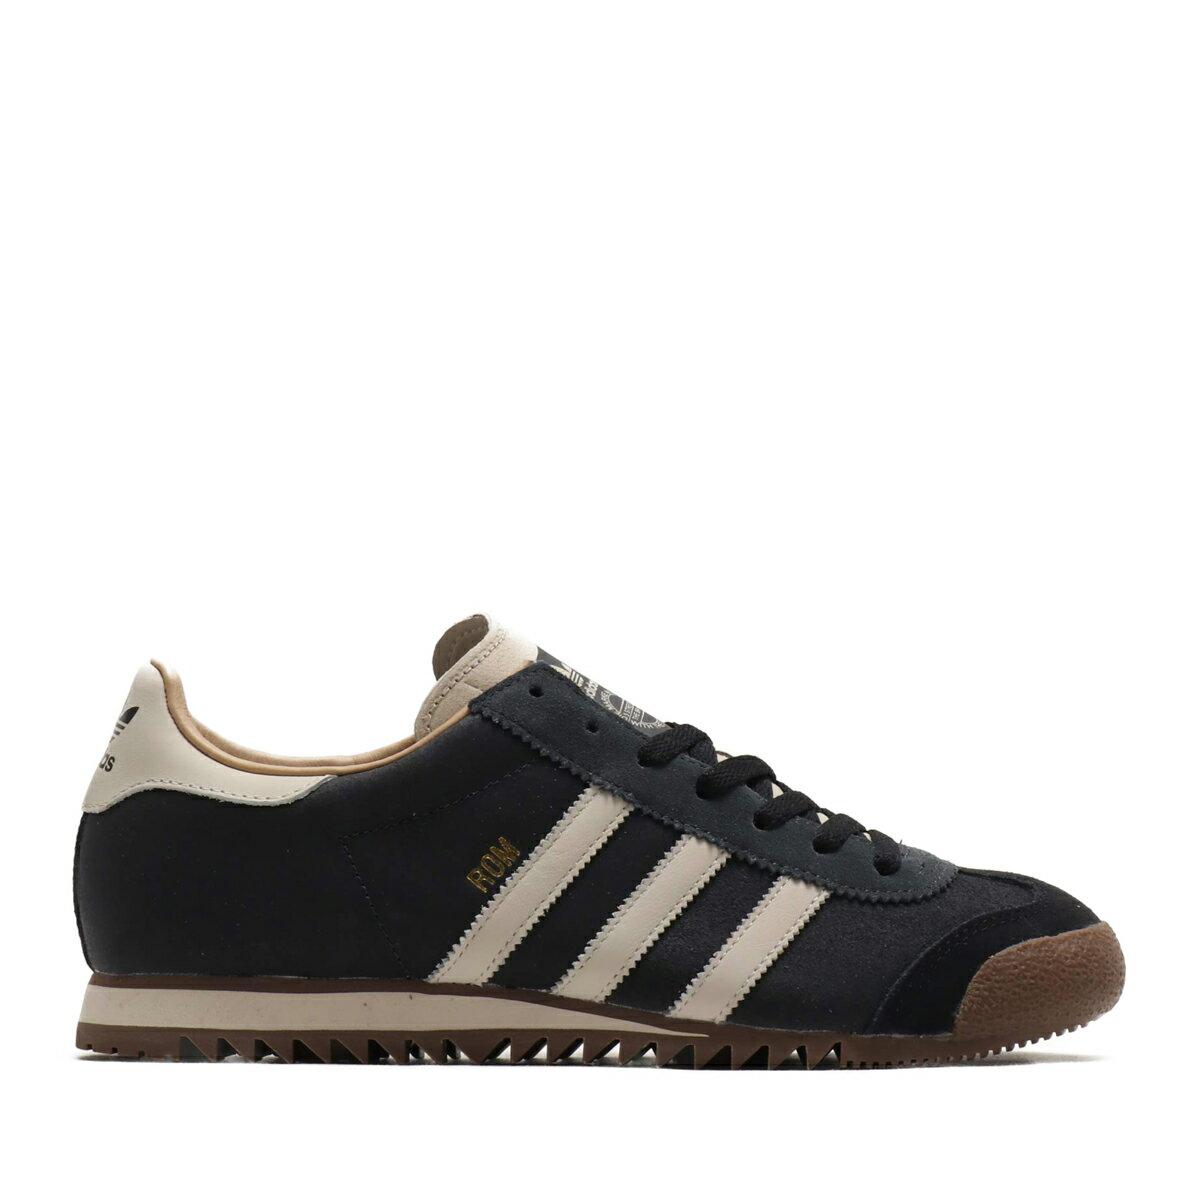 メンズ靴, スニーカー adidas Originals ROM(CARBONCLEAR BROWNCORE BLACK)( )19FW-I